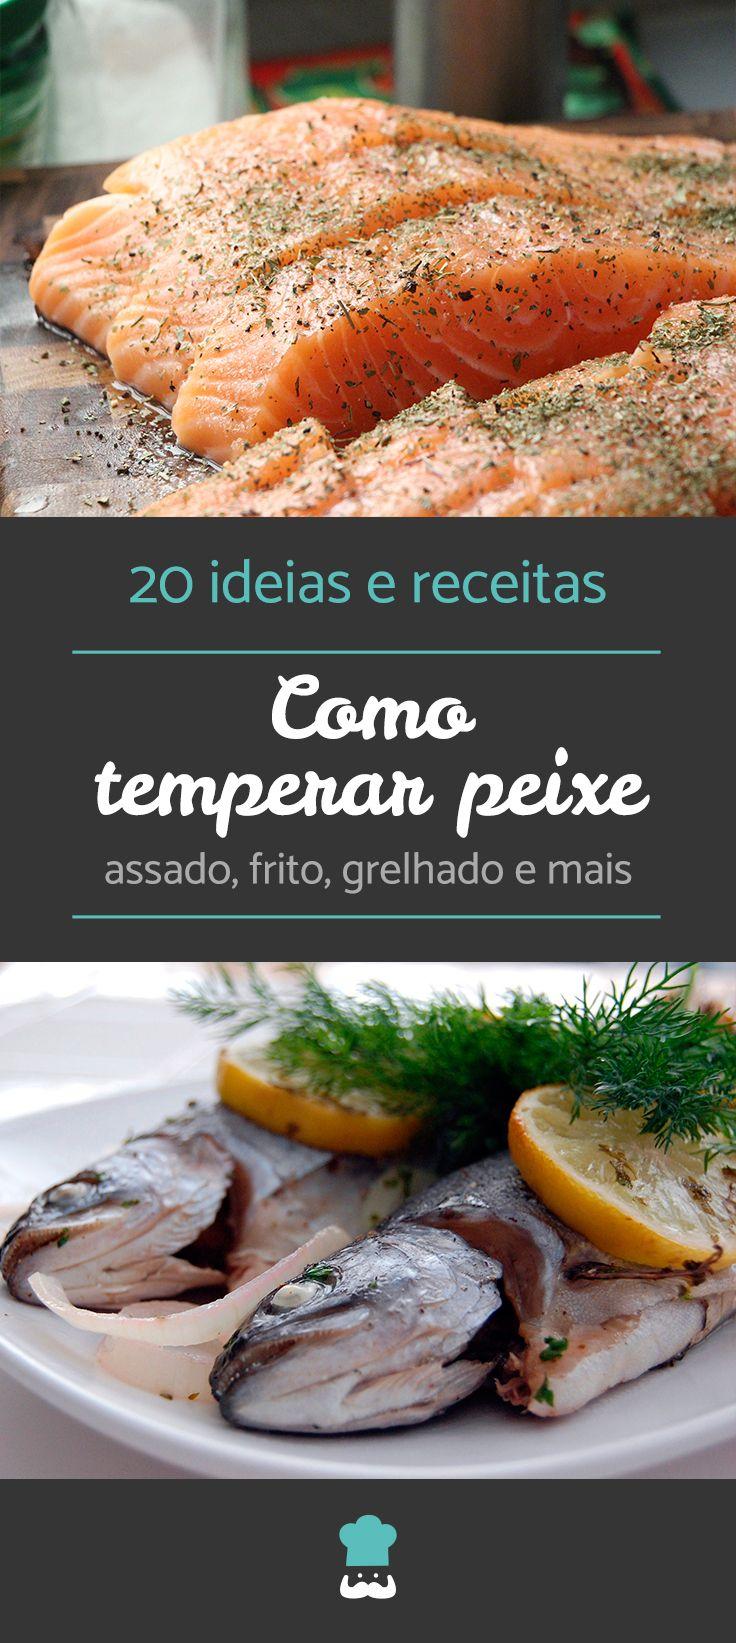 Confira 20 ideias e receitas para temperar peixe! #temperarpeixe #cozinharpeixe #peixe #receita #comida #receitacaseira #tempero